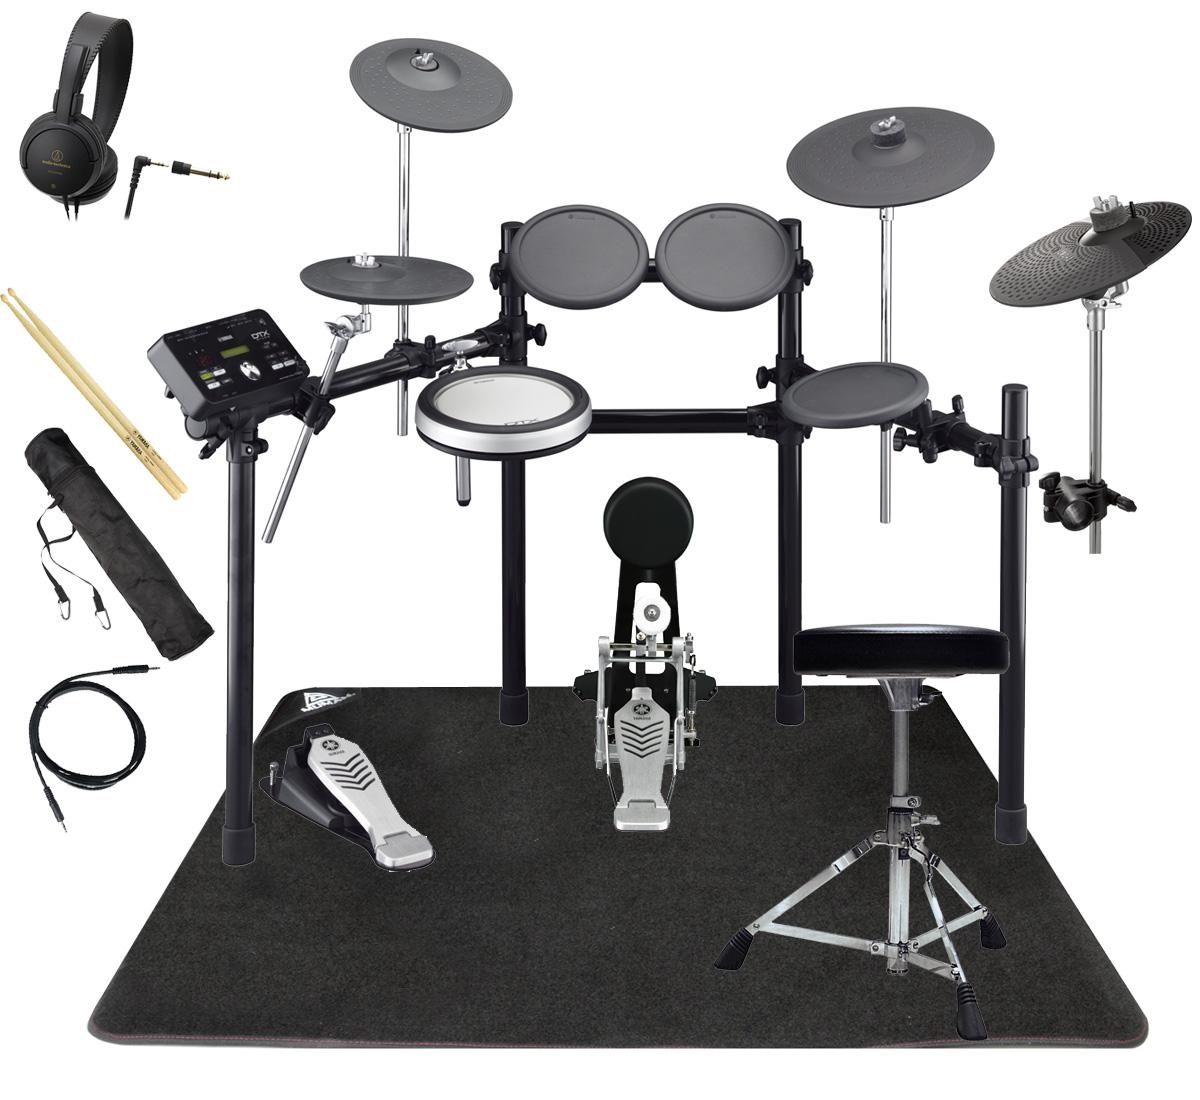 YAMAHA 電子ドラム DTX522KFS 3シンバル オリジナルスターターパック マット付き【YRK】